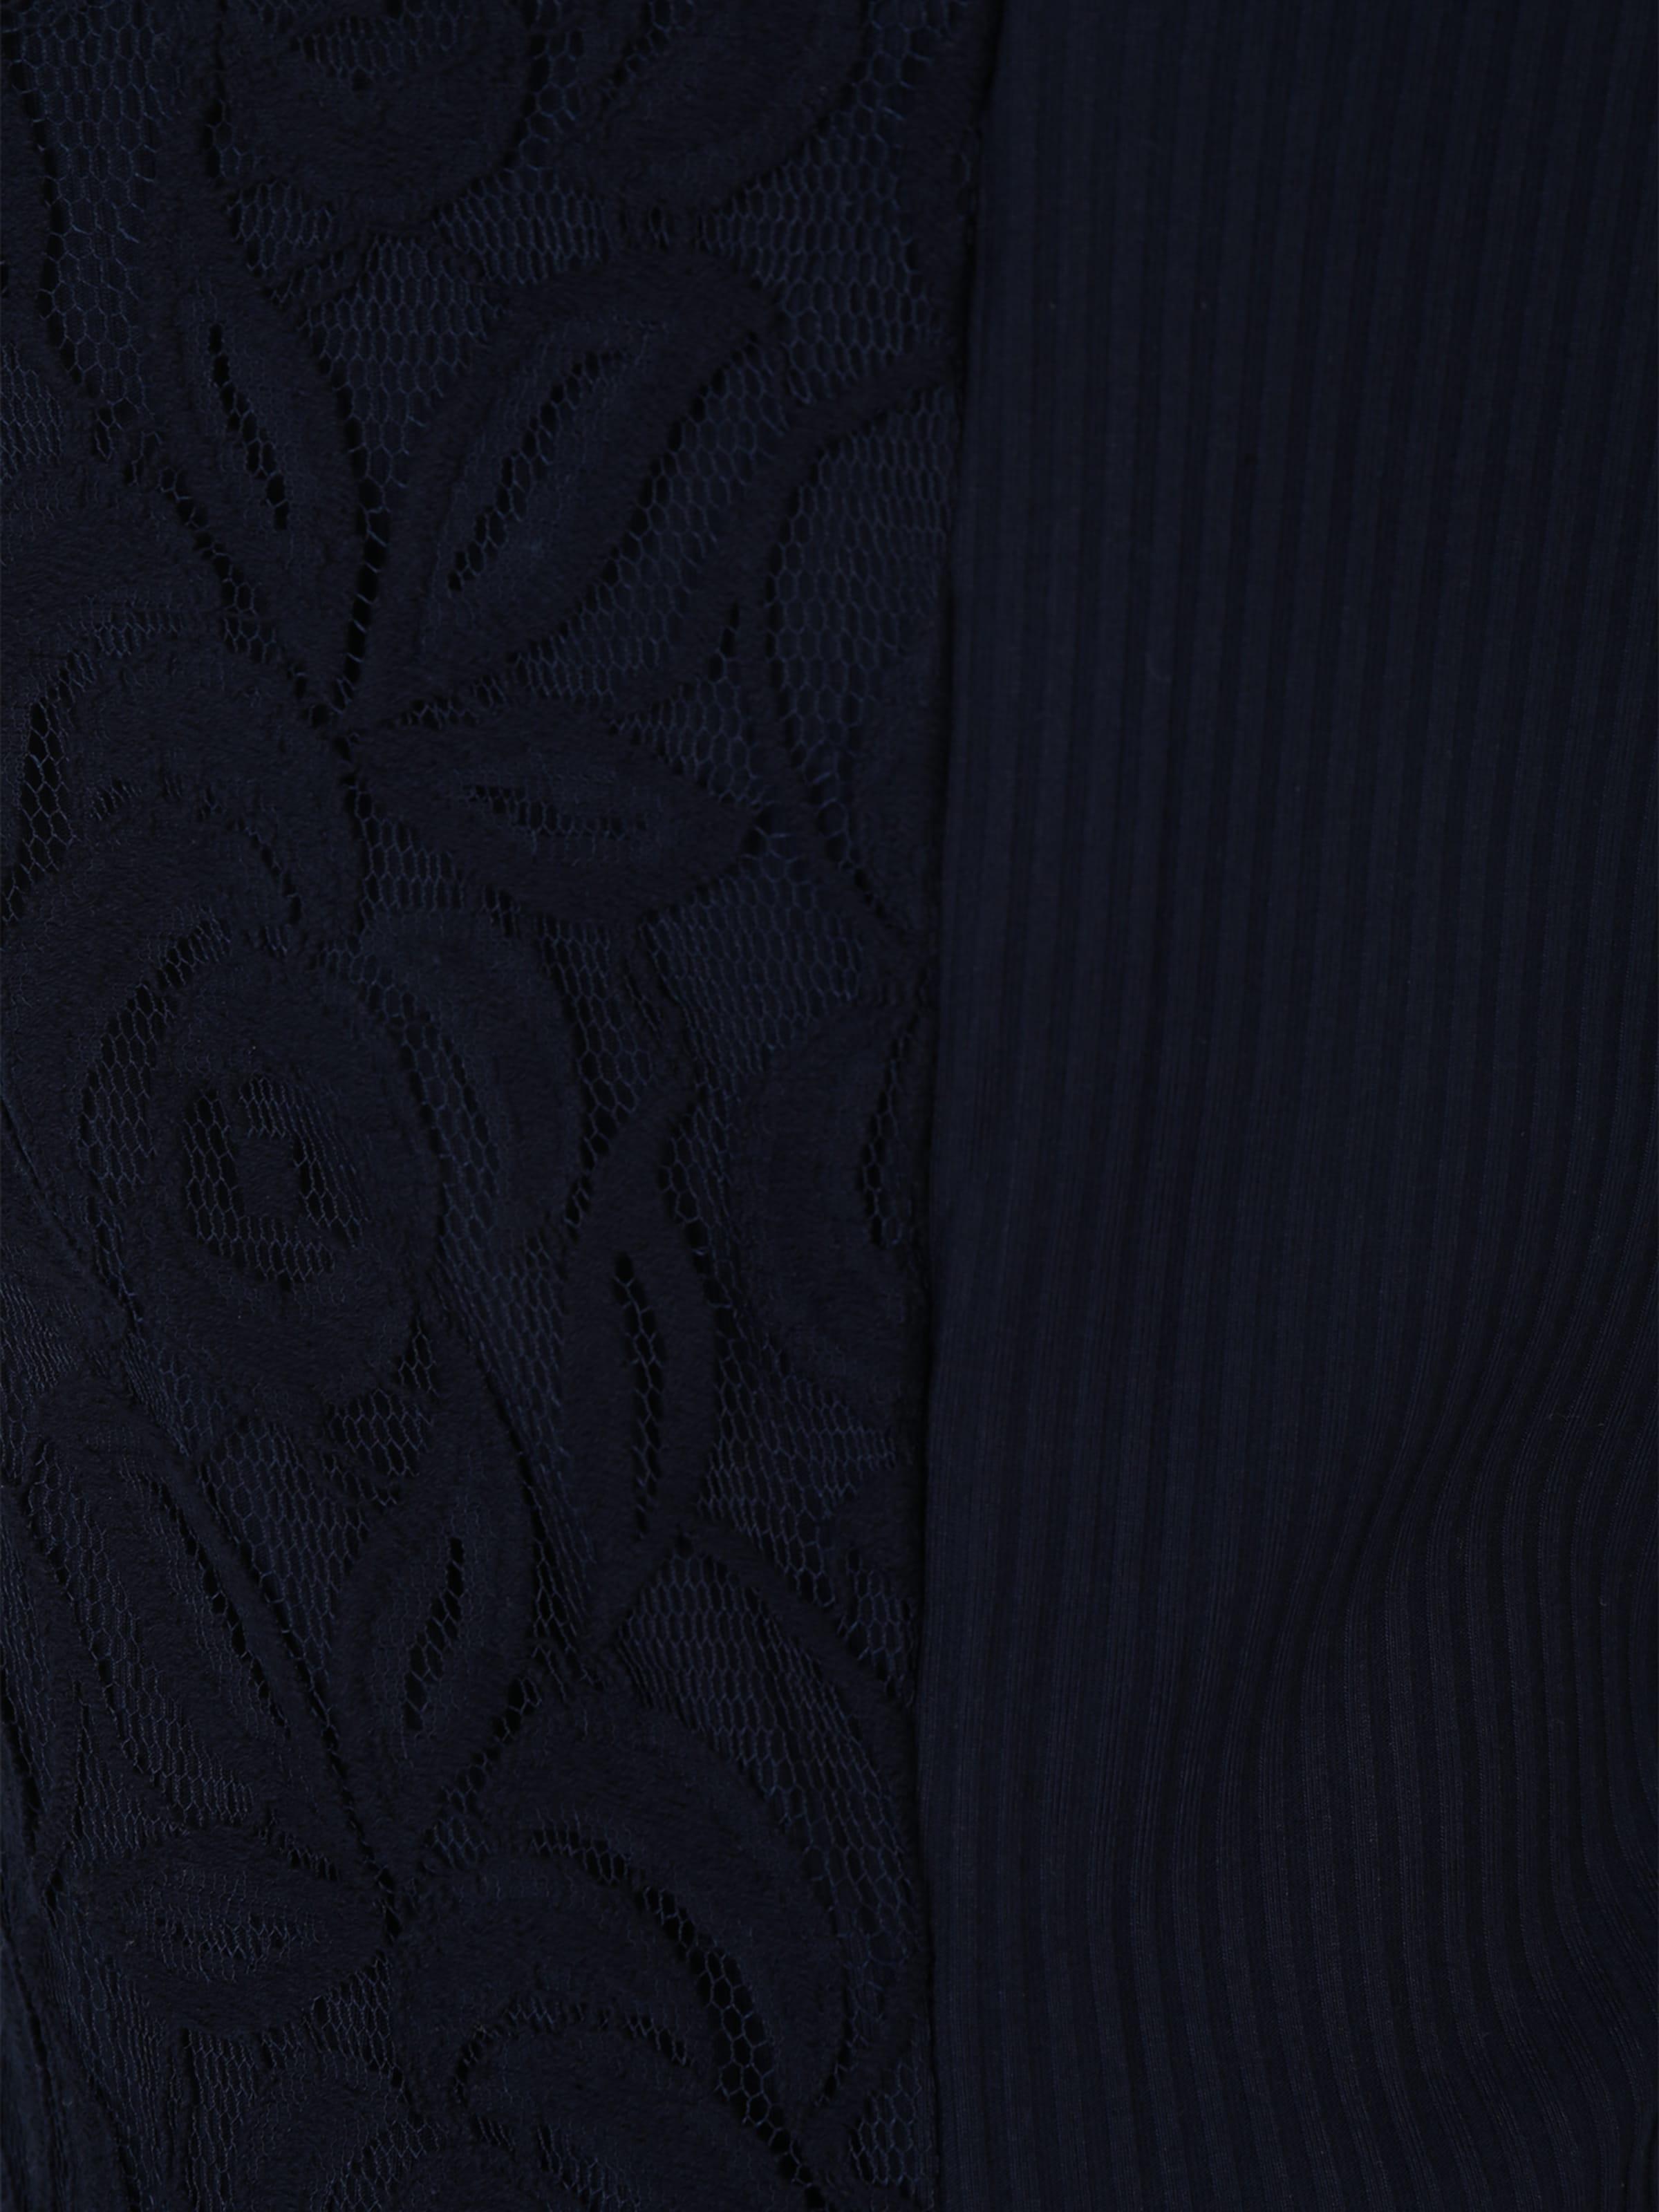 Steckdose Breite Palette Von Junarose Top 'JRSONNA' Neue Ankunft Günstig Online NWrWKCNhls